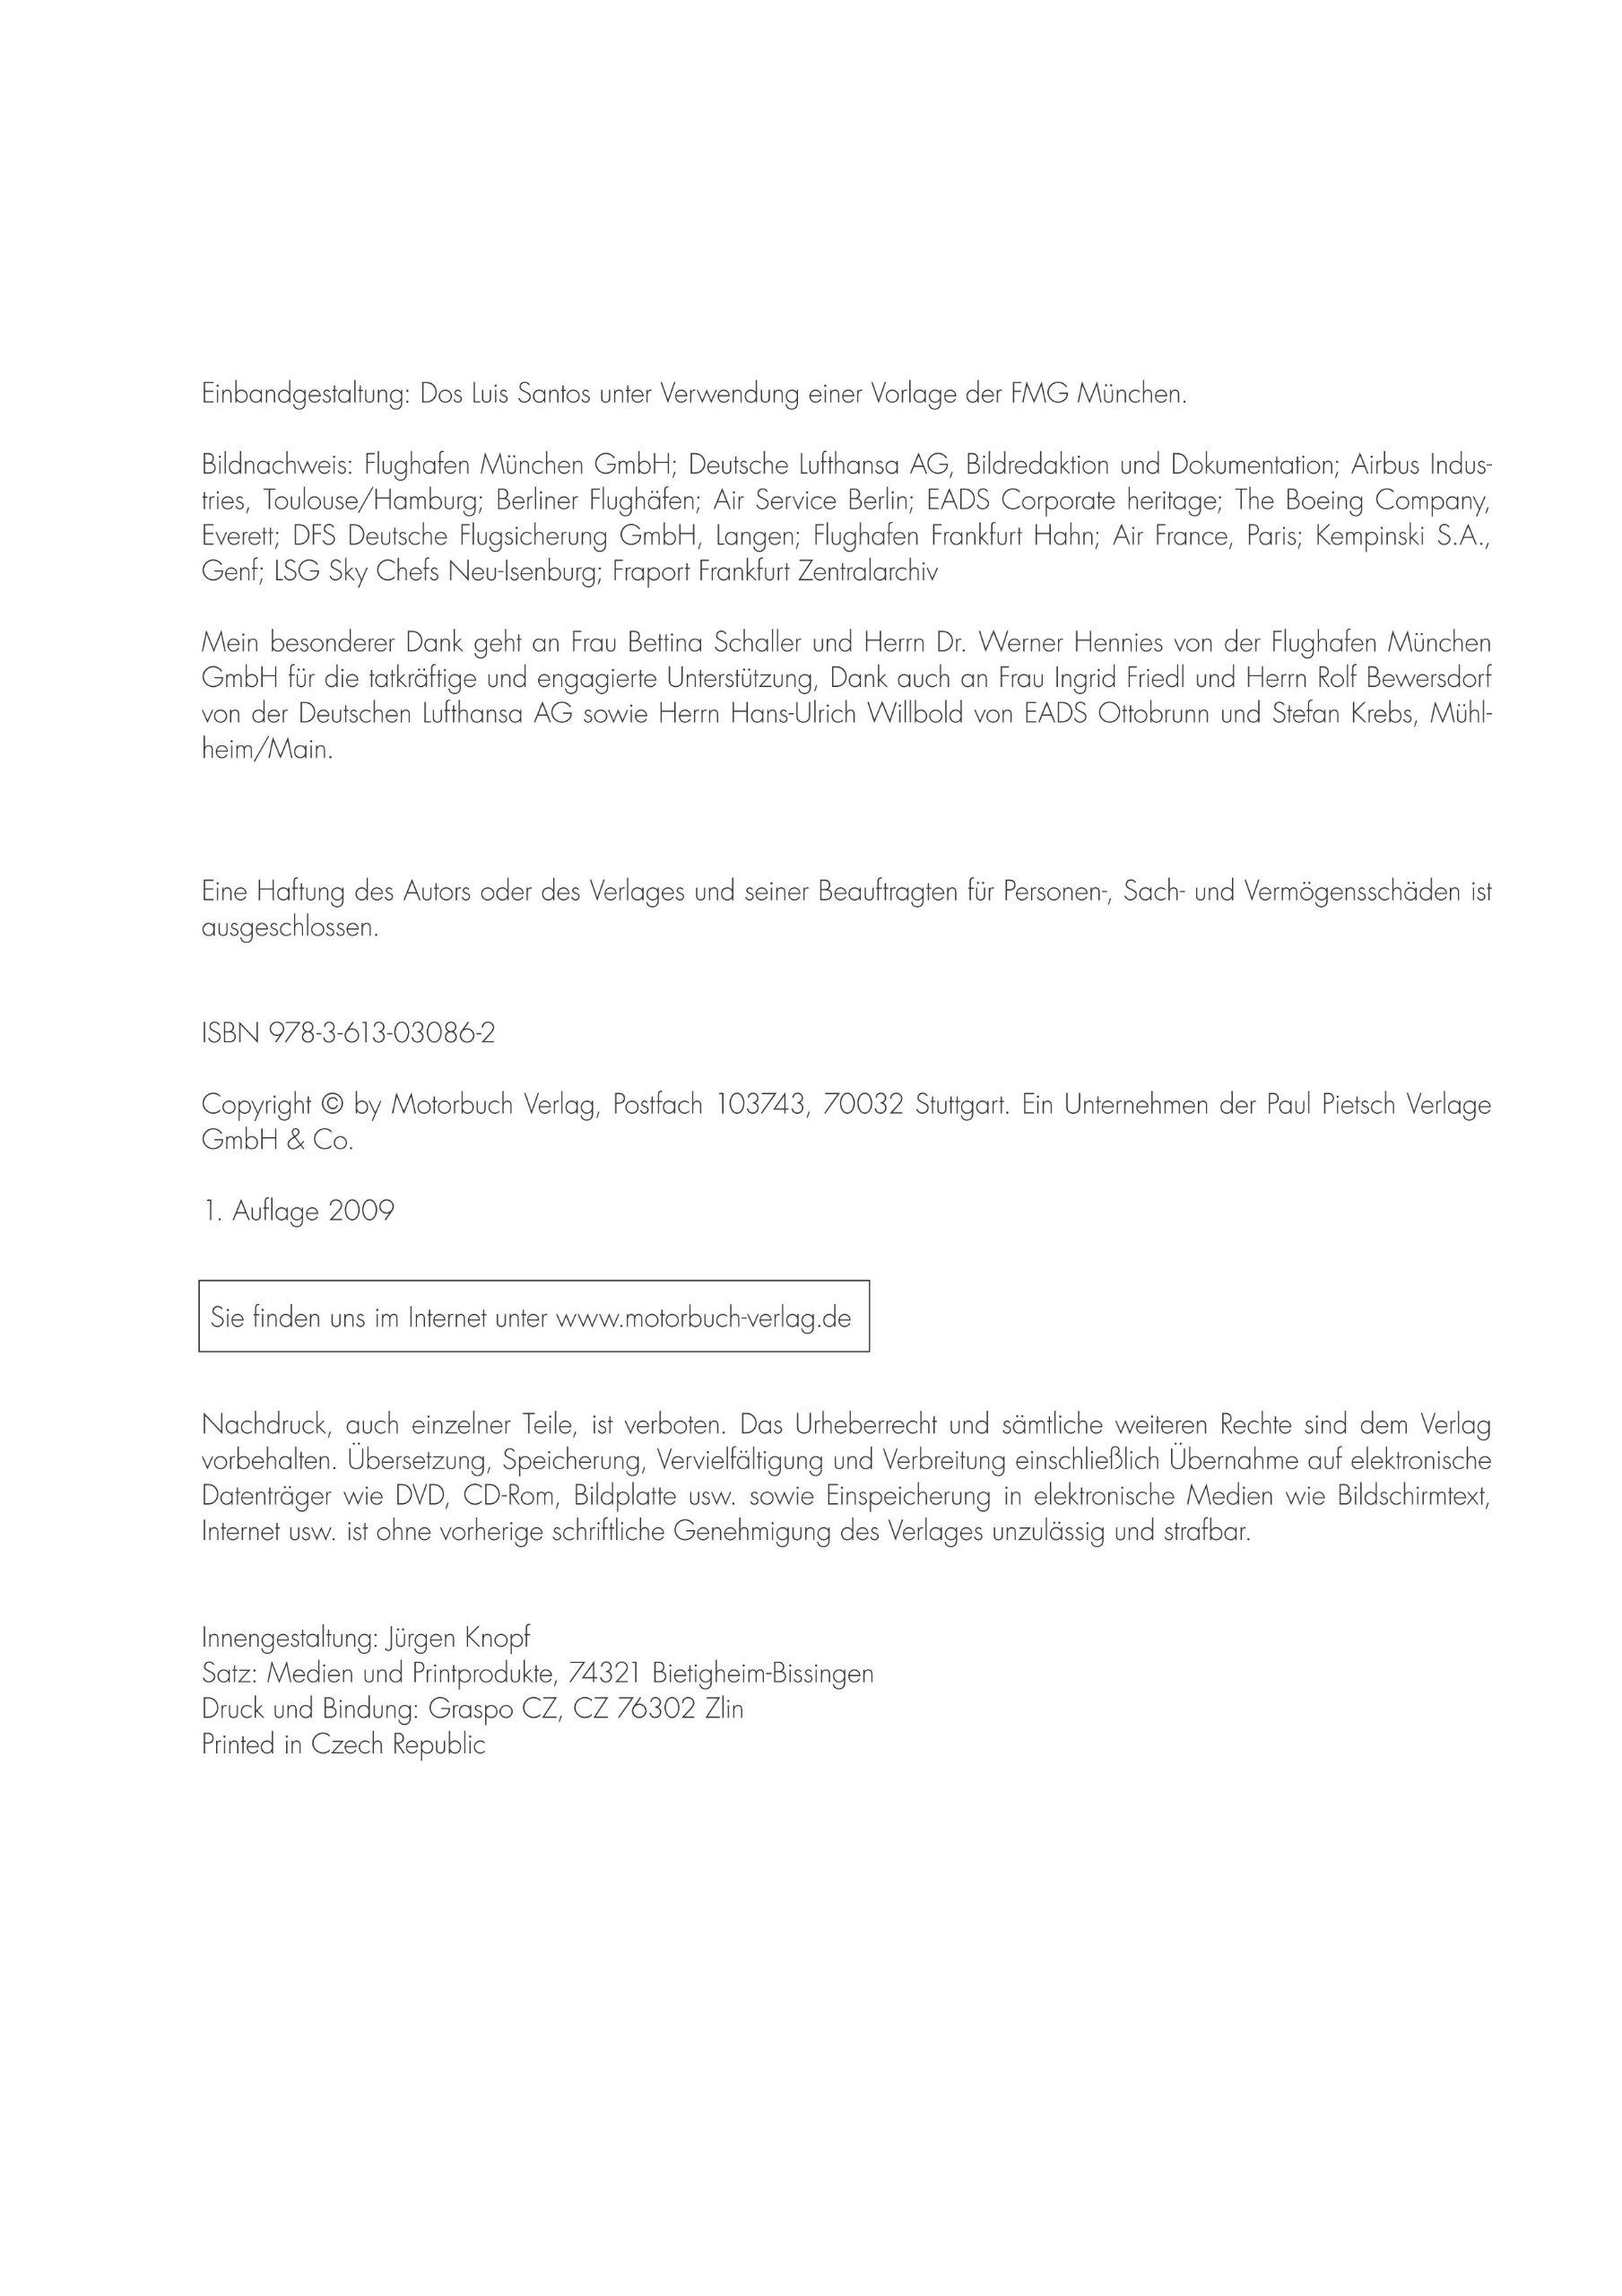 Fein Engineering Beispiel Fortsetzungsformat Zeitgenössisch - Entry ...